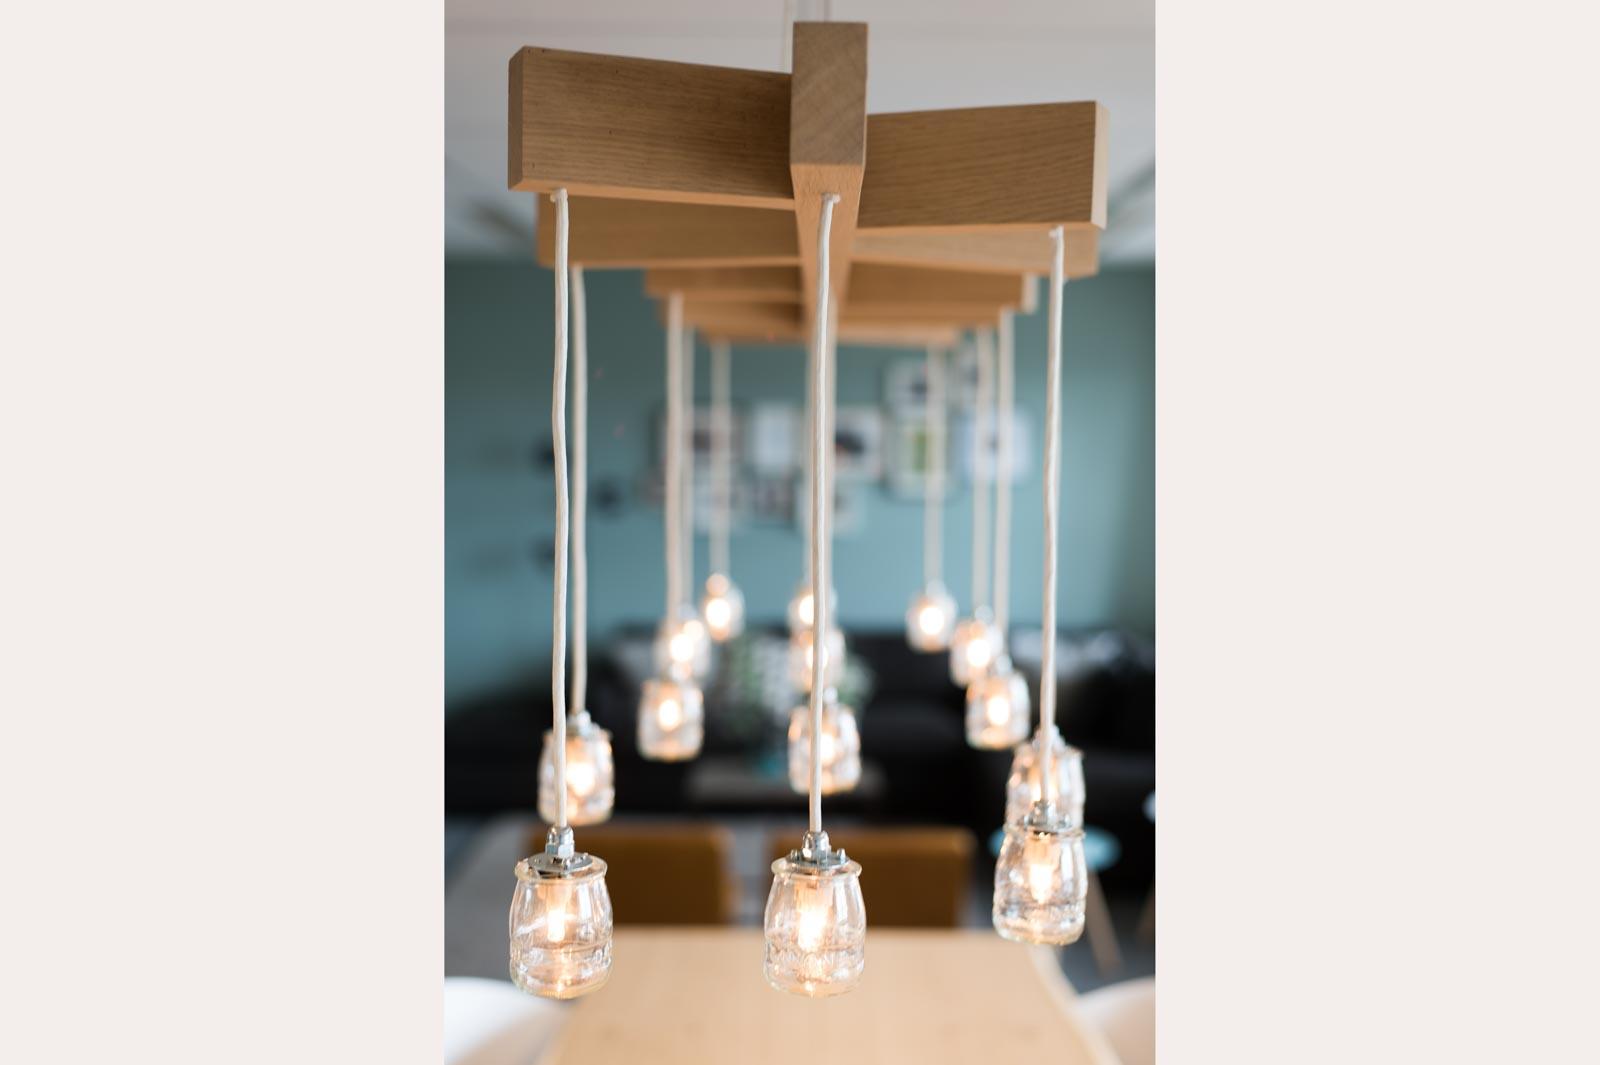 Interieur danone nederland for Bekende nederlandse interieur designers